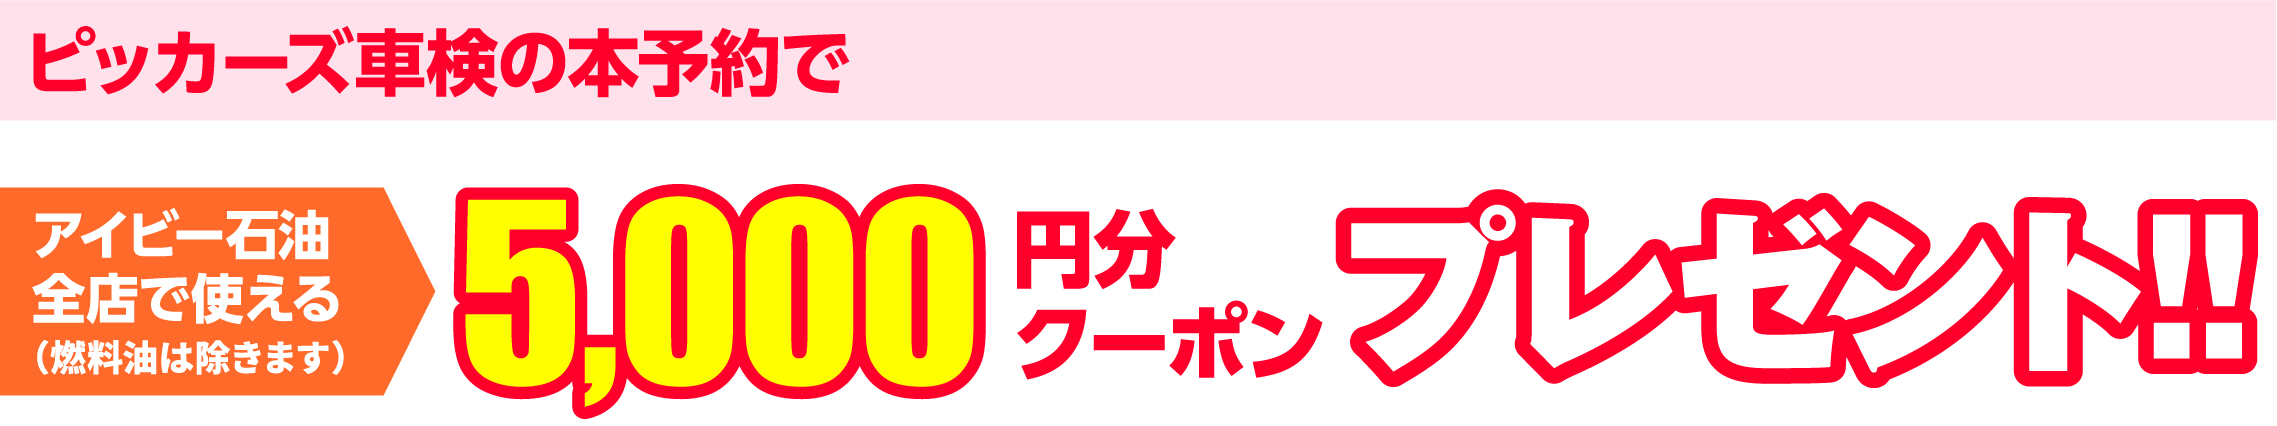 ピッカーズ車検の本予約で5000円クーポン券プレゼント!